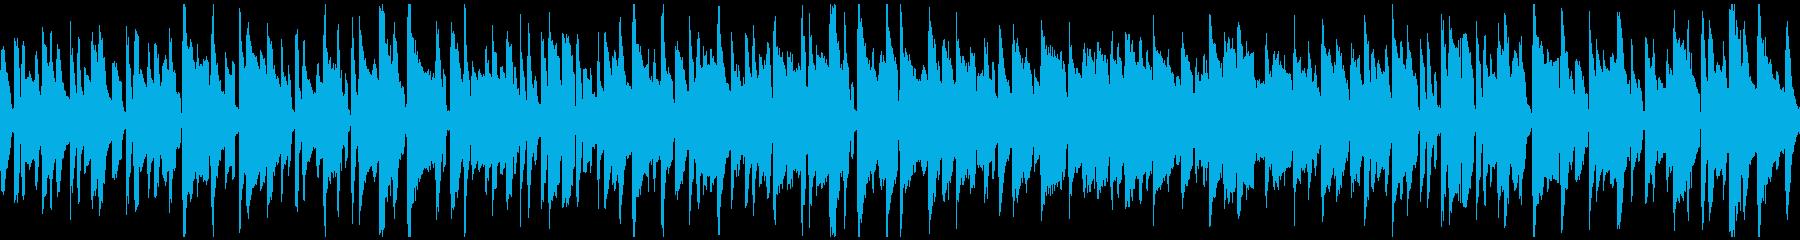 すっとぼけ系の劇伴、リコーダー※ループ版の再生済みの波形